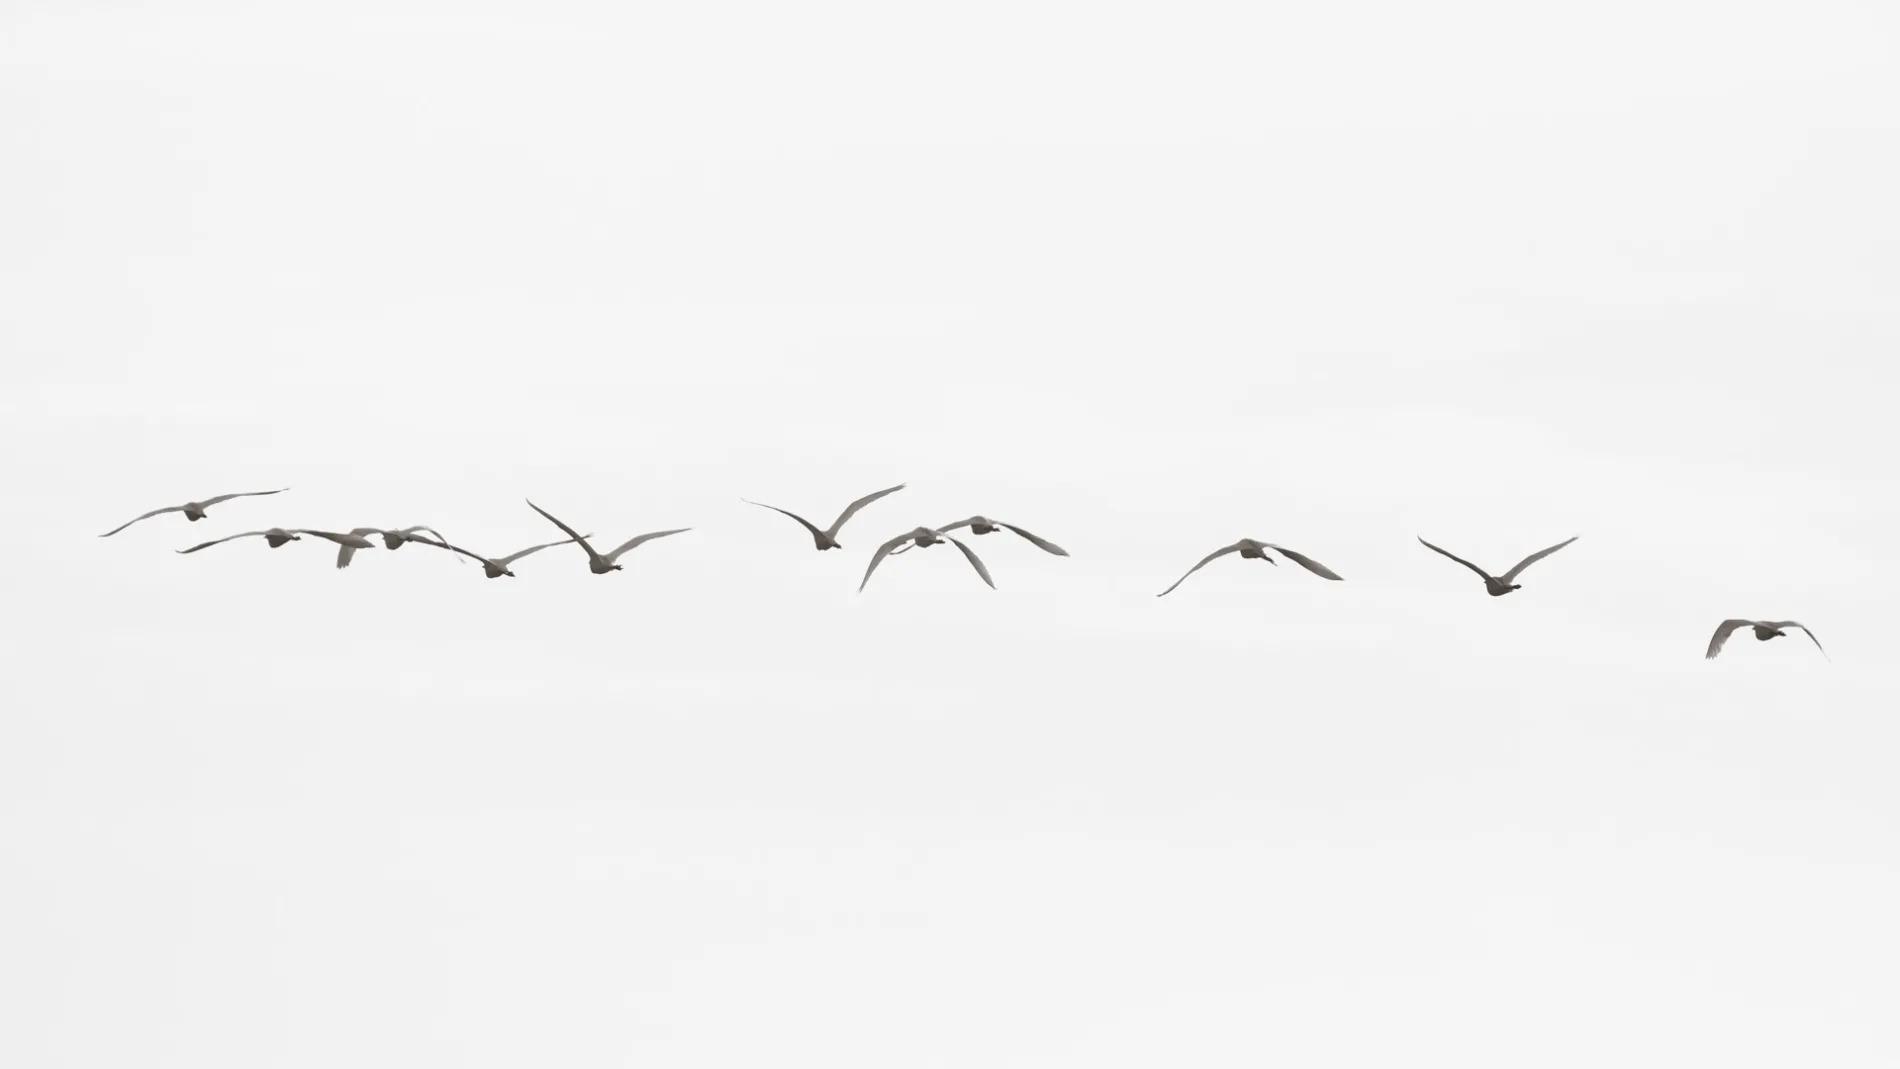 Storks in smoke flight